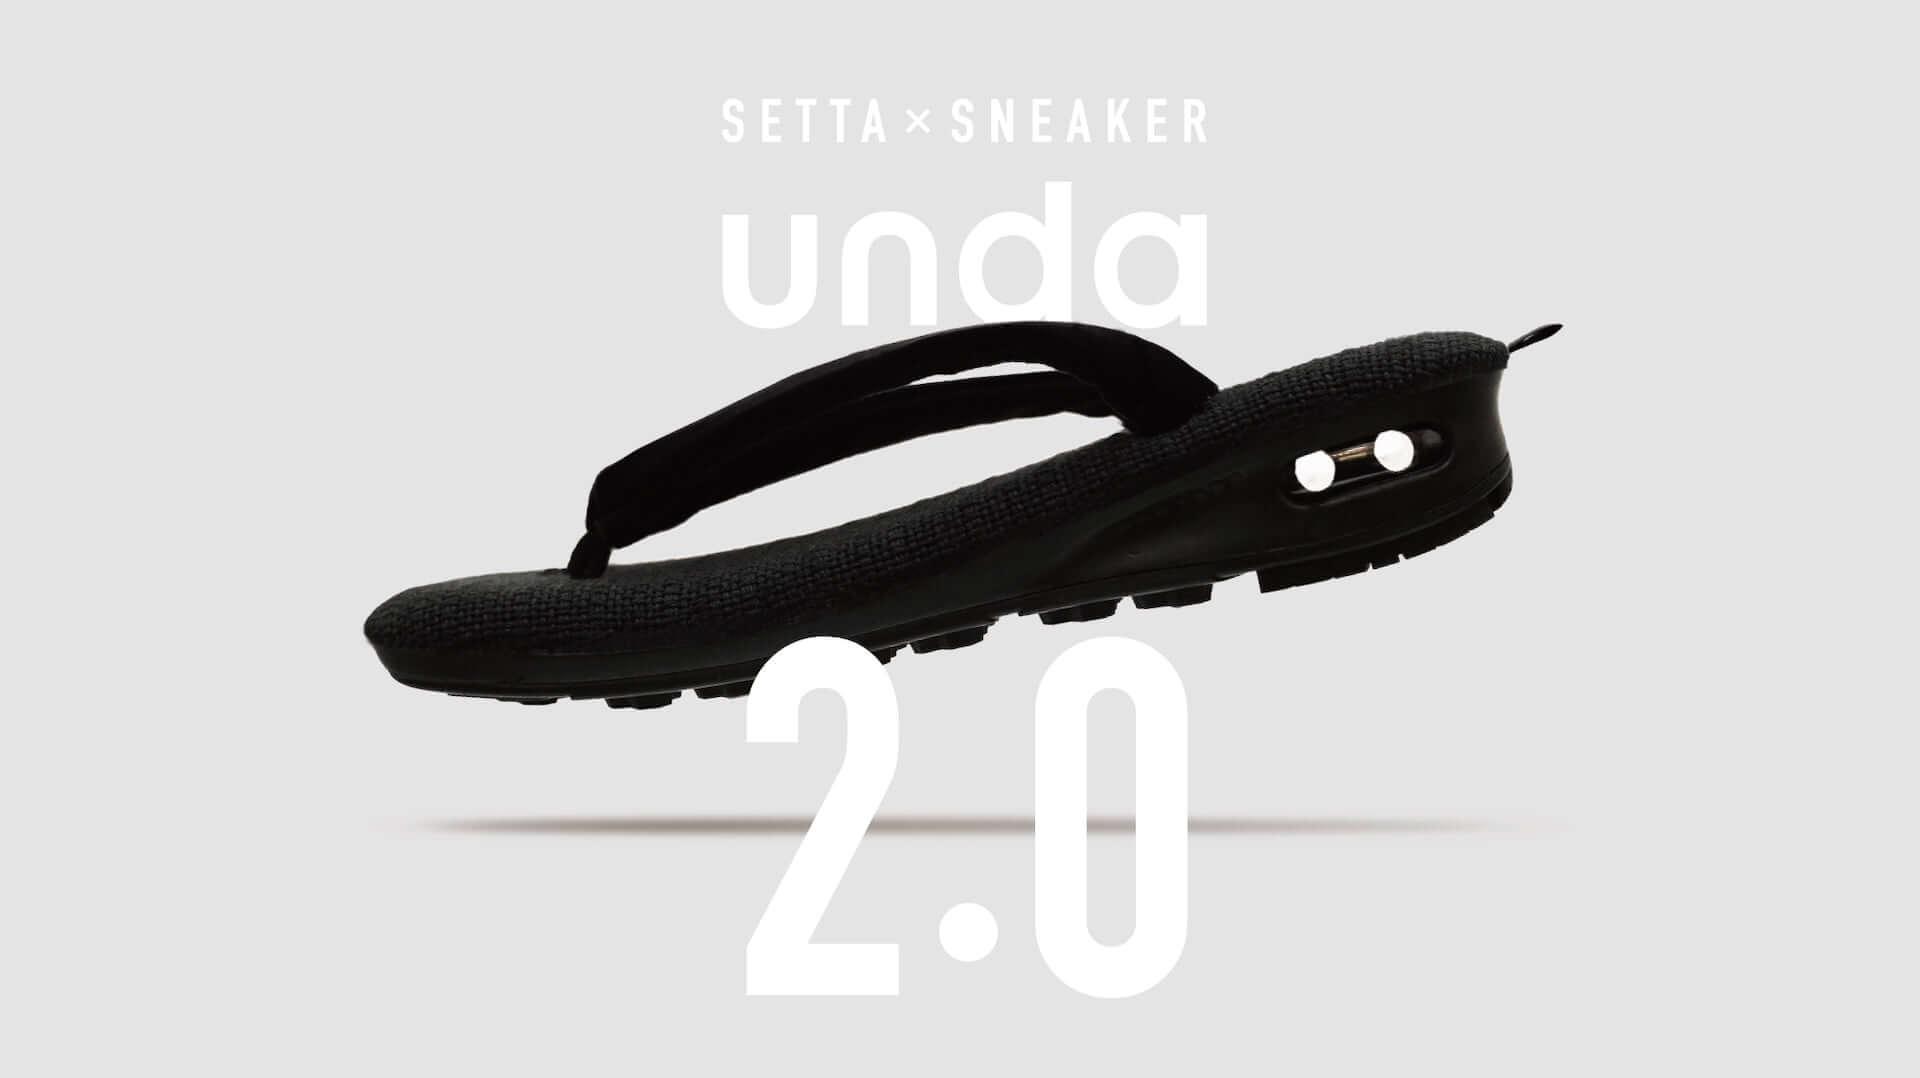 雪駄とスニーカーが融合したフットウェア『unda-雲駄-』がアップデート!約25%軽量化した新モデル『unda 2.0』が発売決定 lf210224_unda2_5-1920x1078